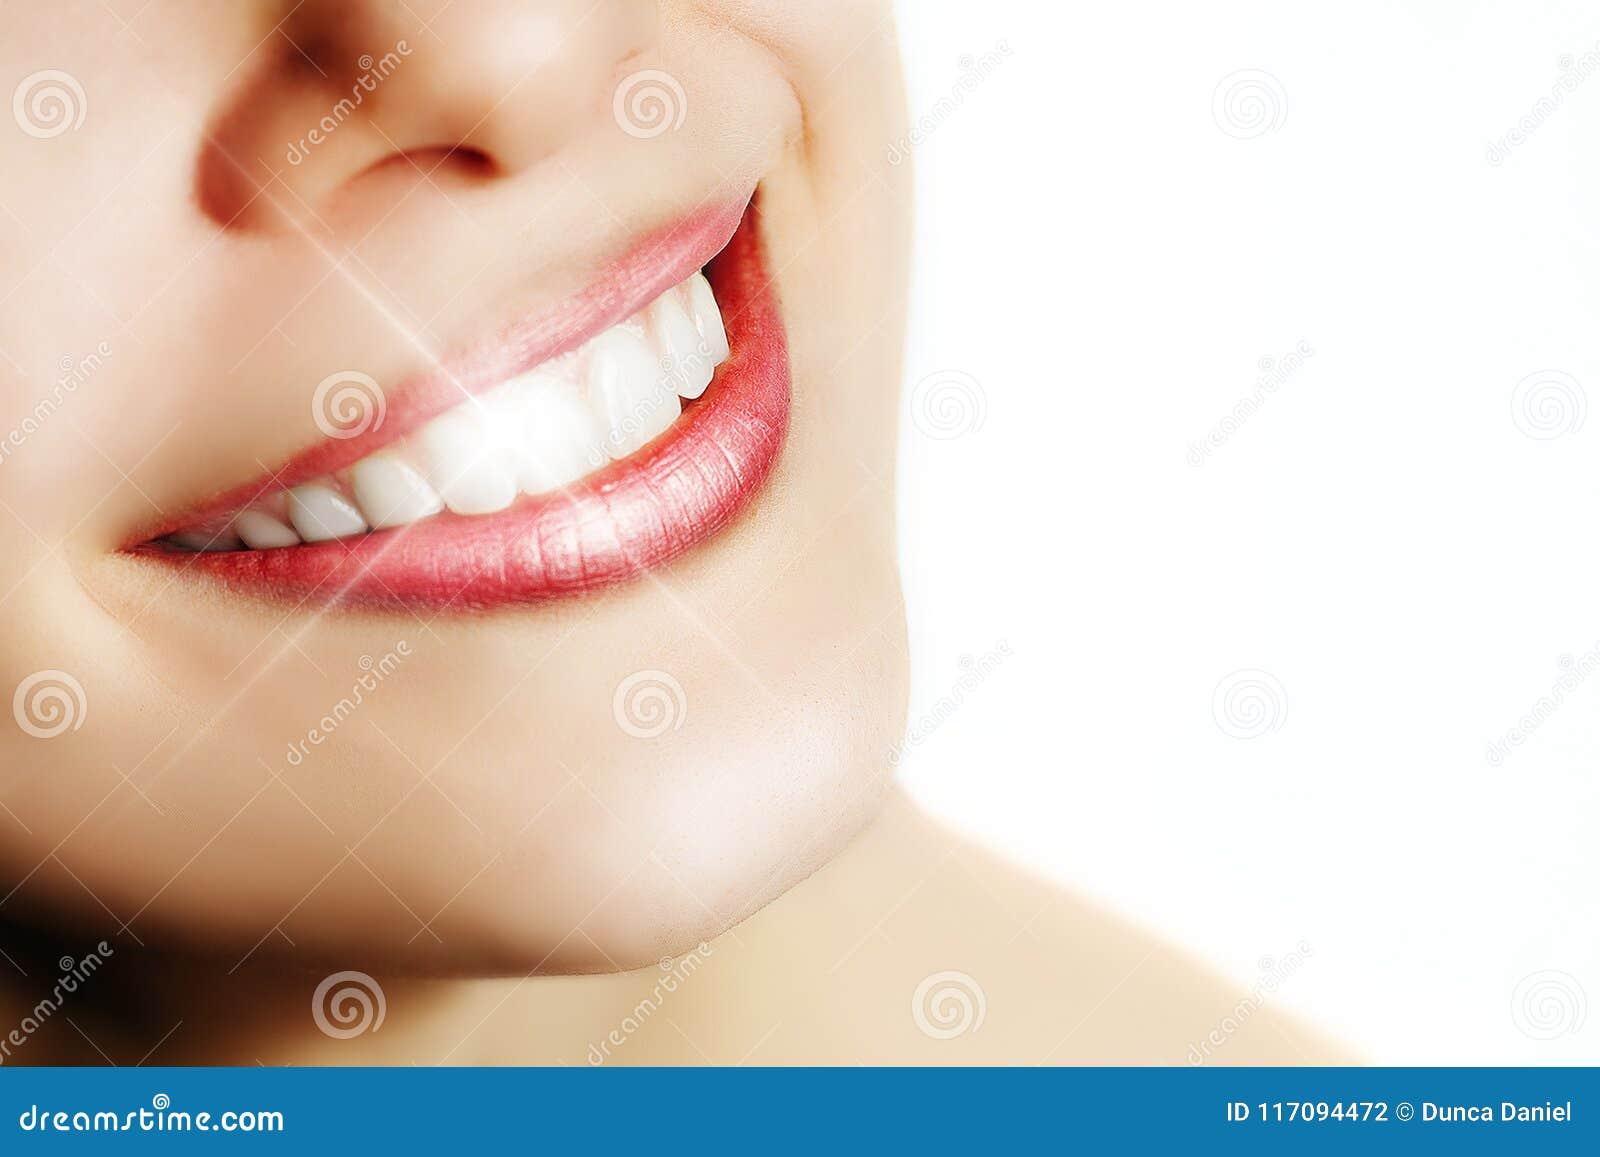 Mujer con sonrisa perfecta y los dientes blancos